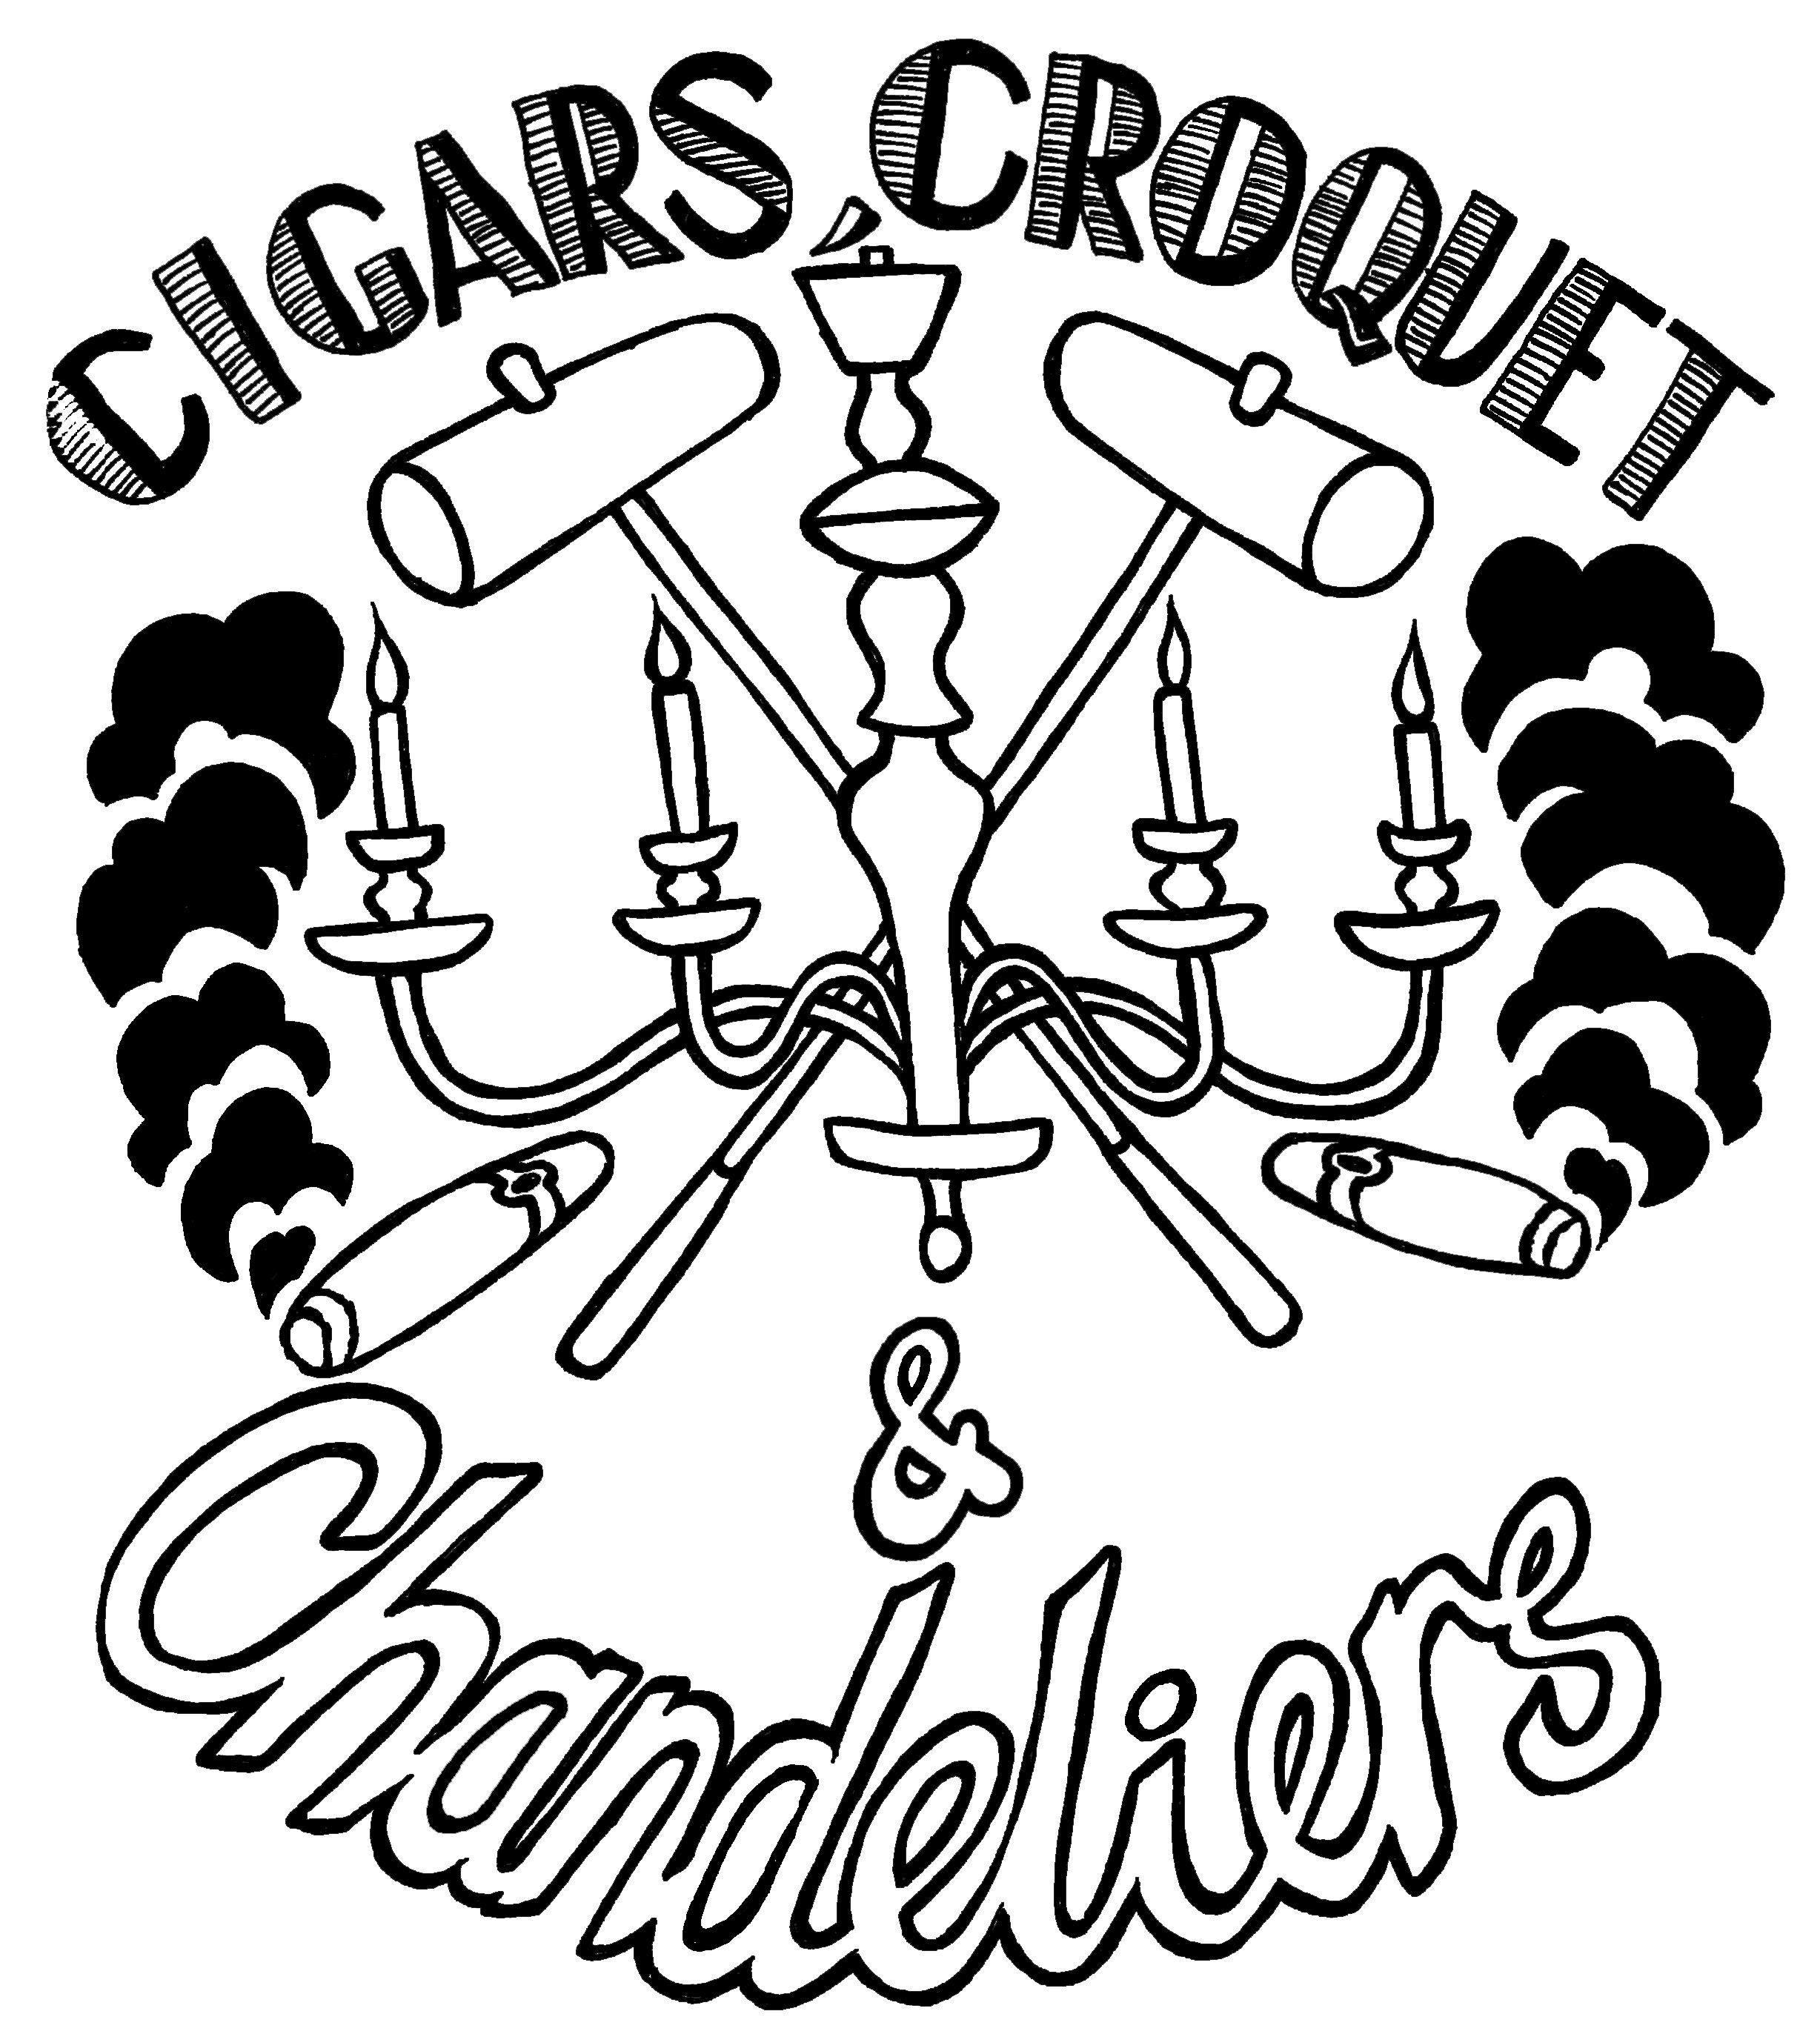 Cigars, Croquet & Chandeliers (2014)